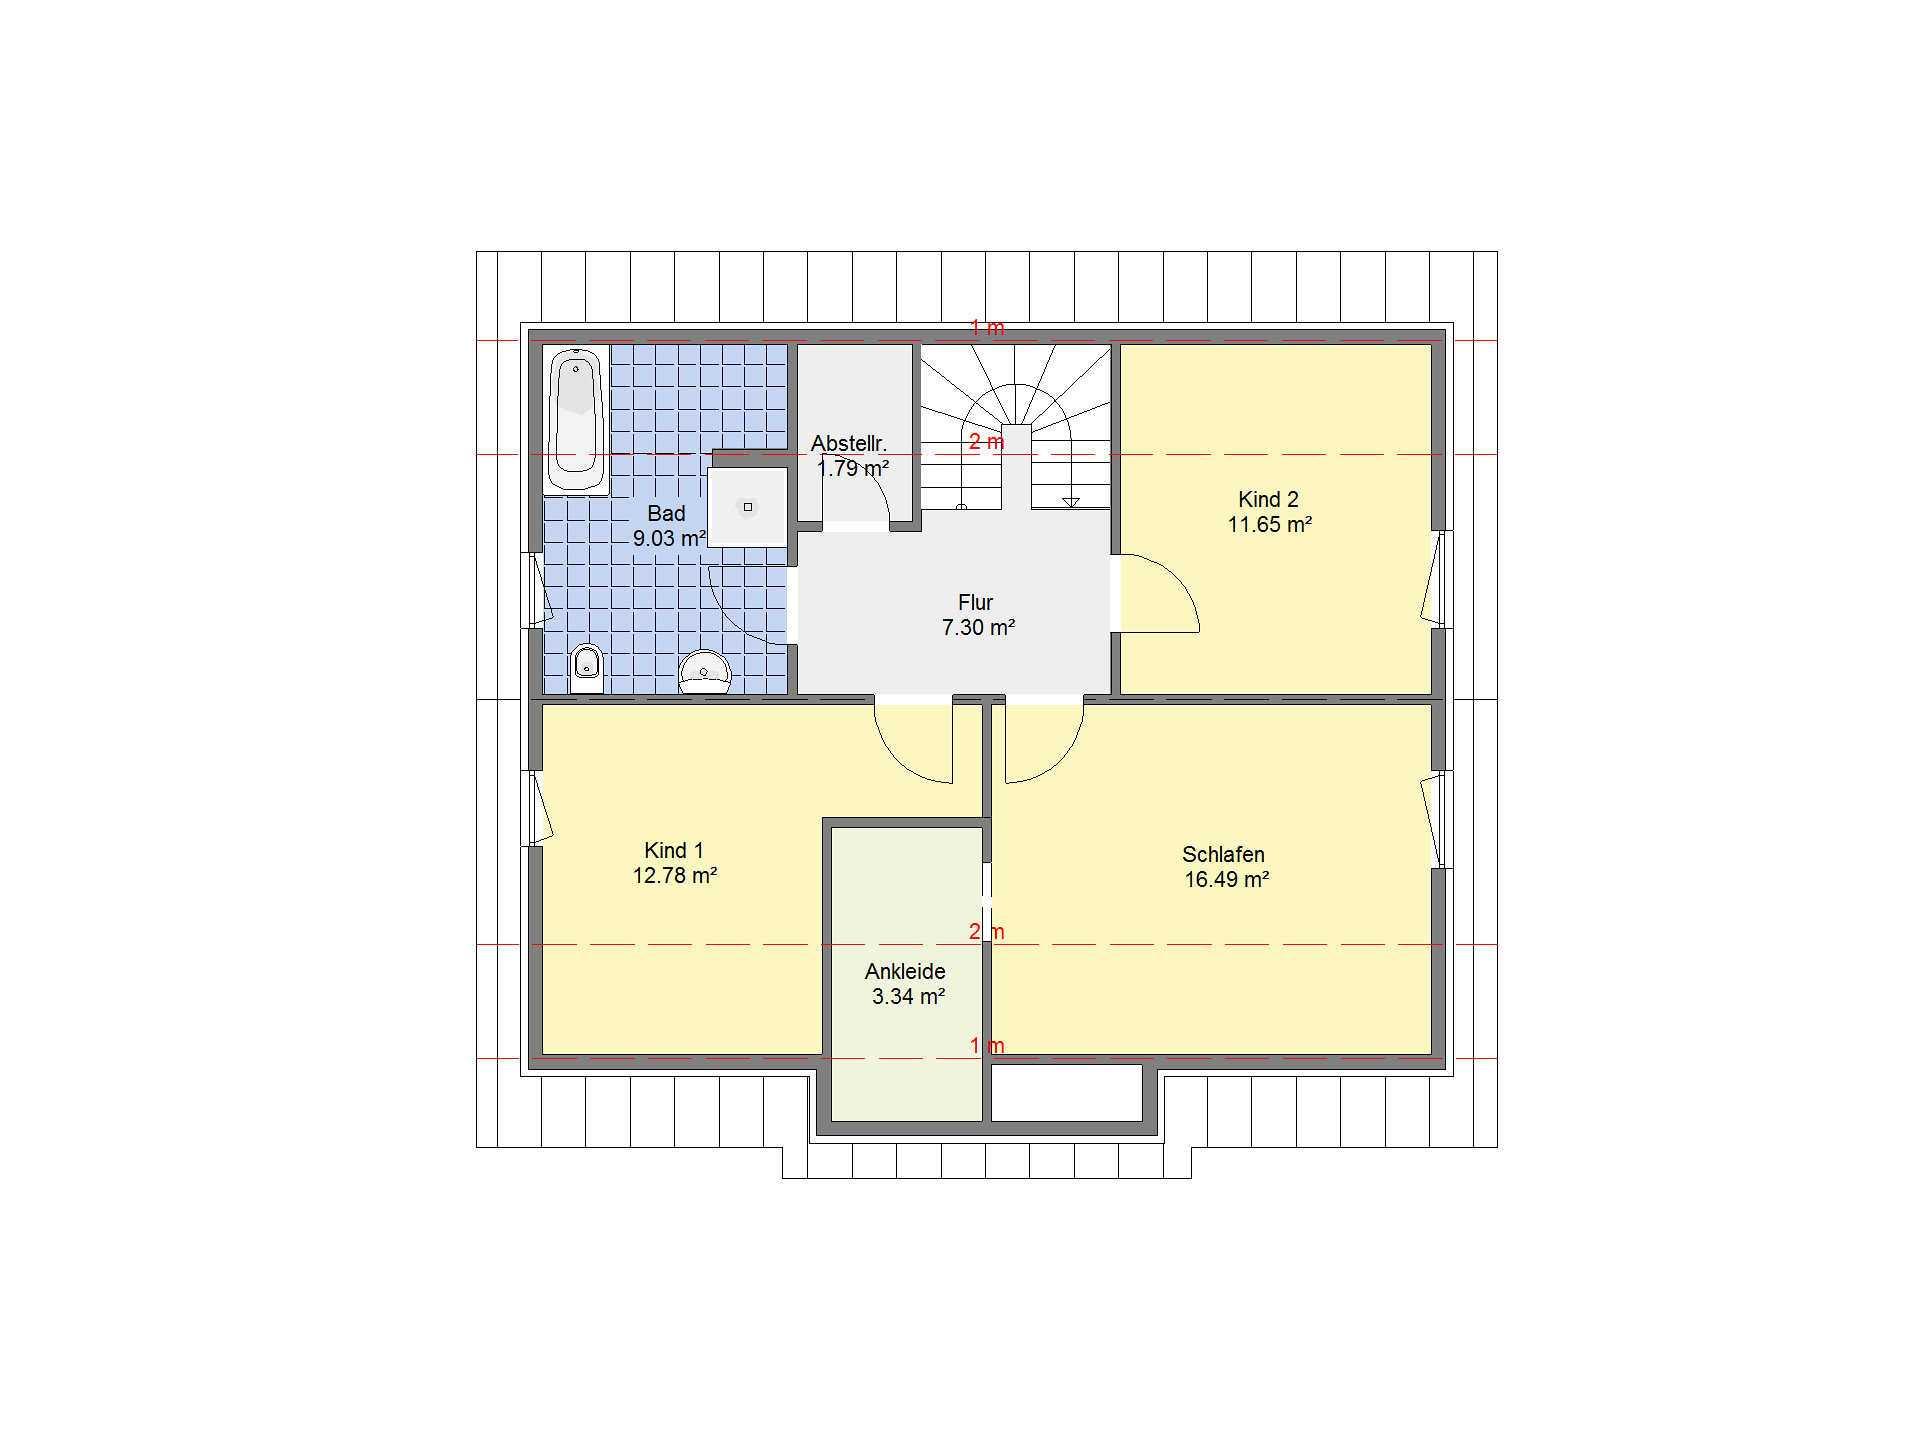 Einfamilienhaus Sonderedition 5 Grundriss DG von Schäfer Fertighaus